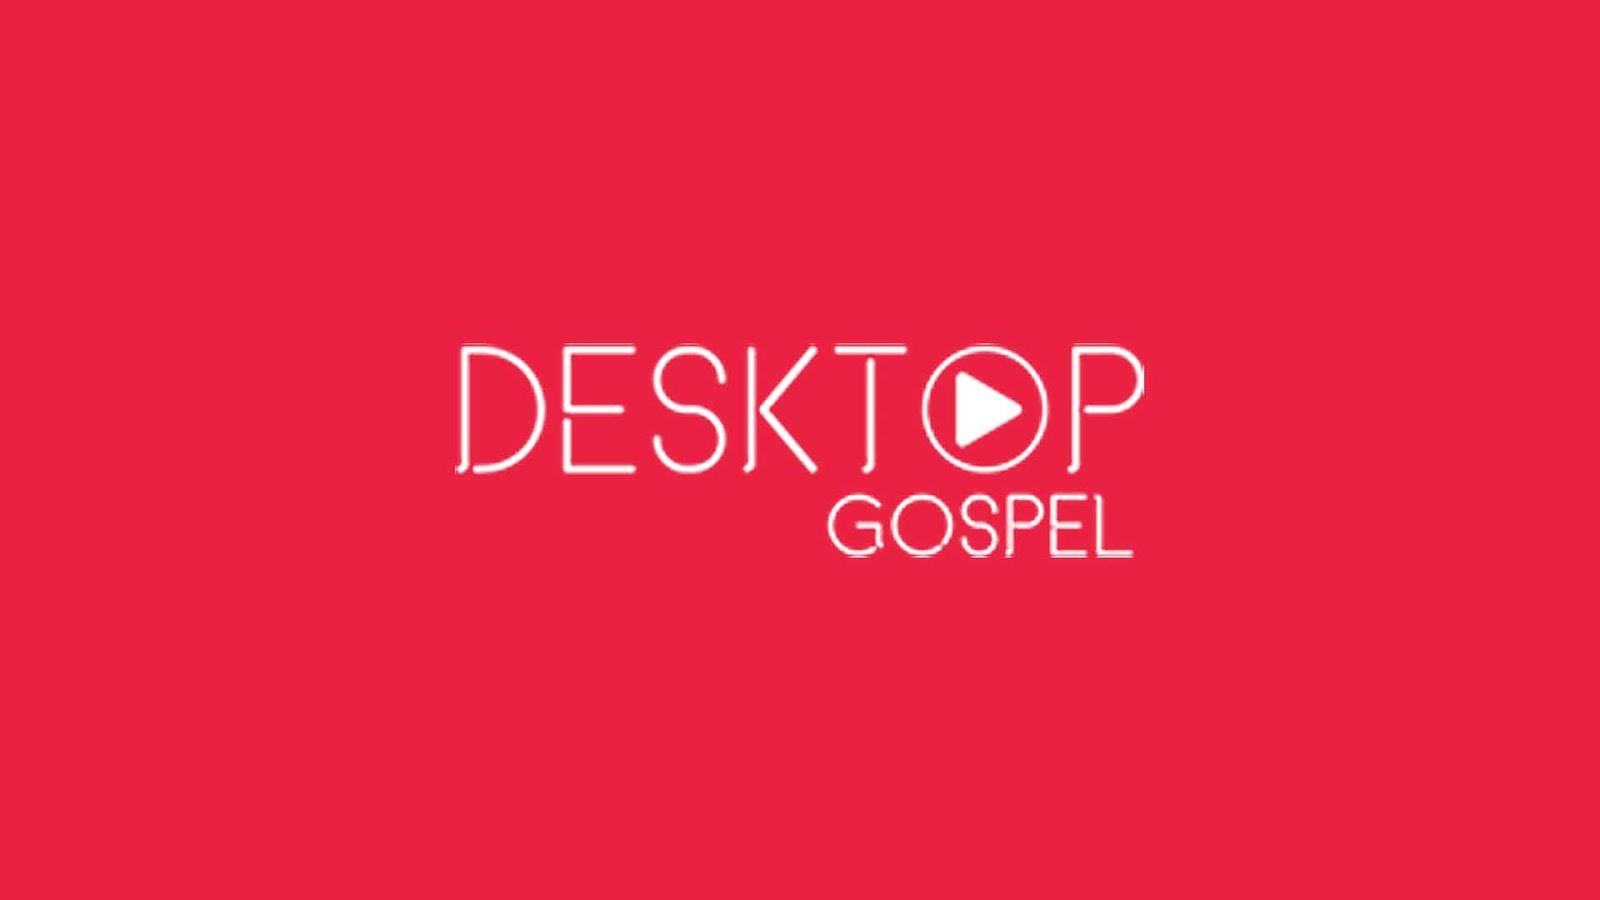 Davi Lukato concede entrevista ao site Desktop Gospel , confira na íntegra.